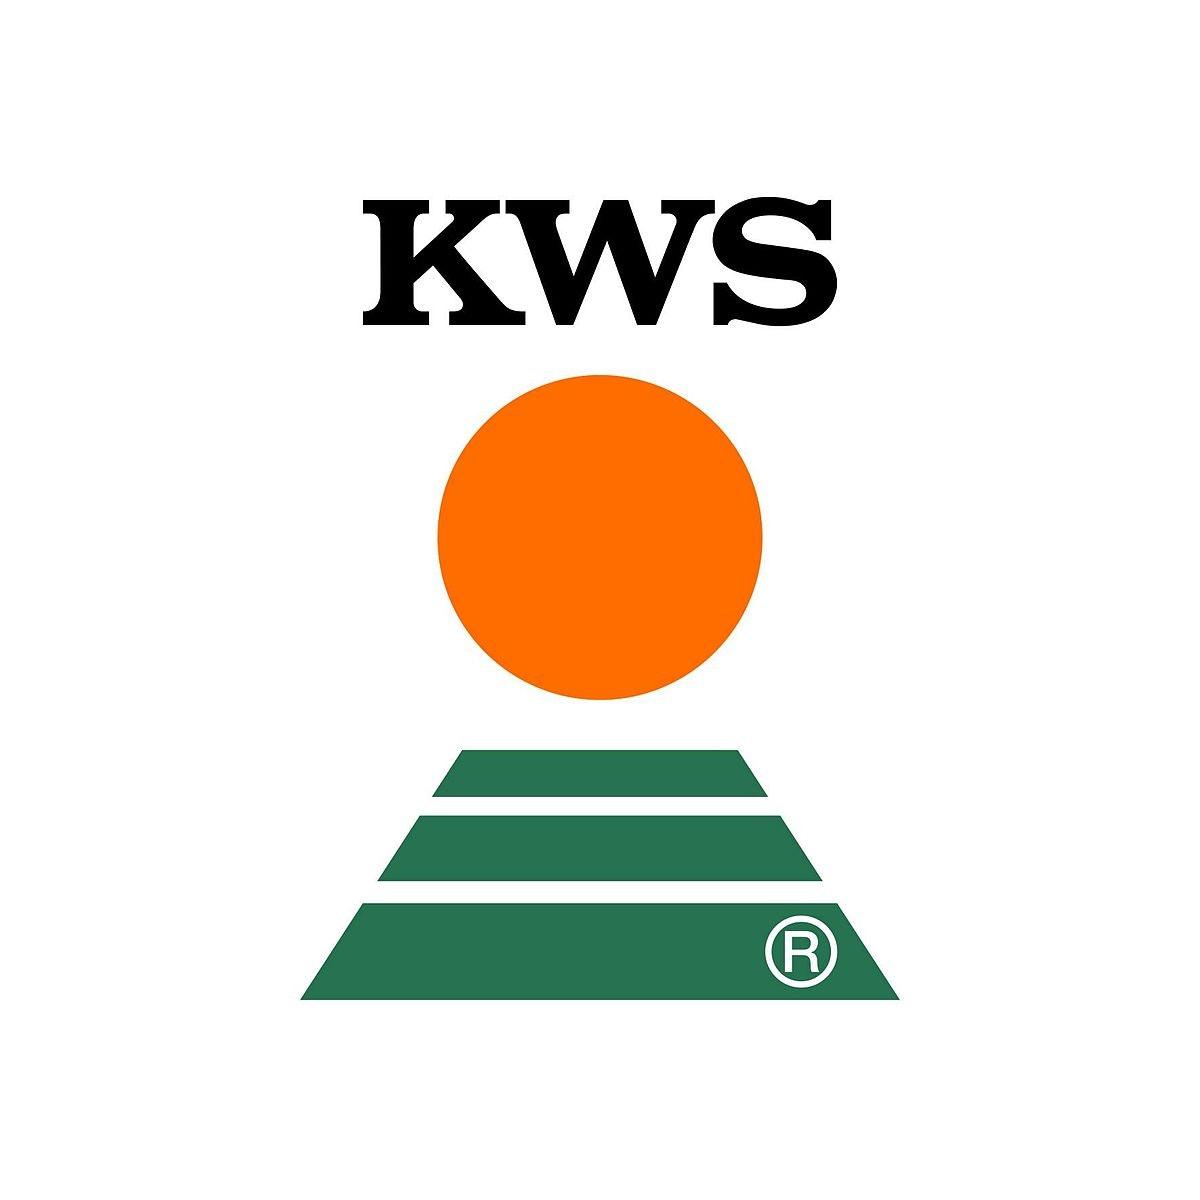 KWS SAAT SE